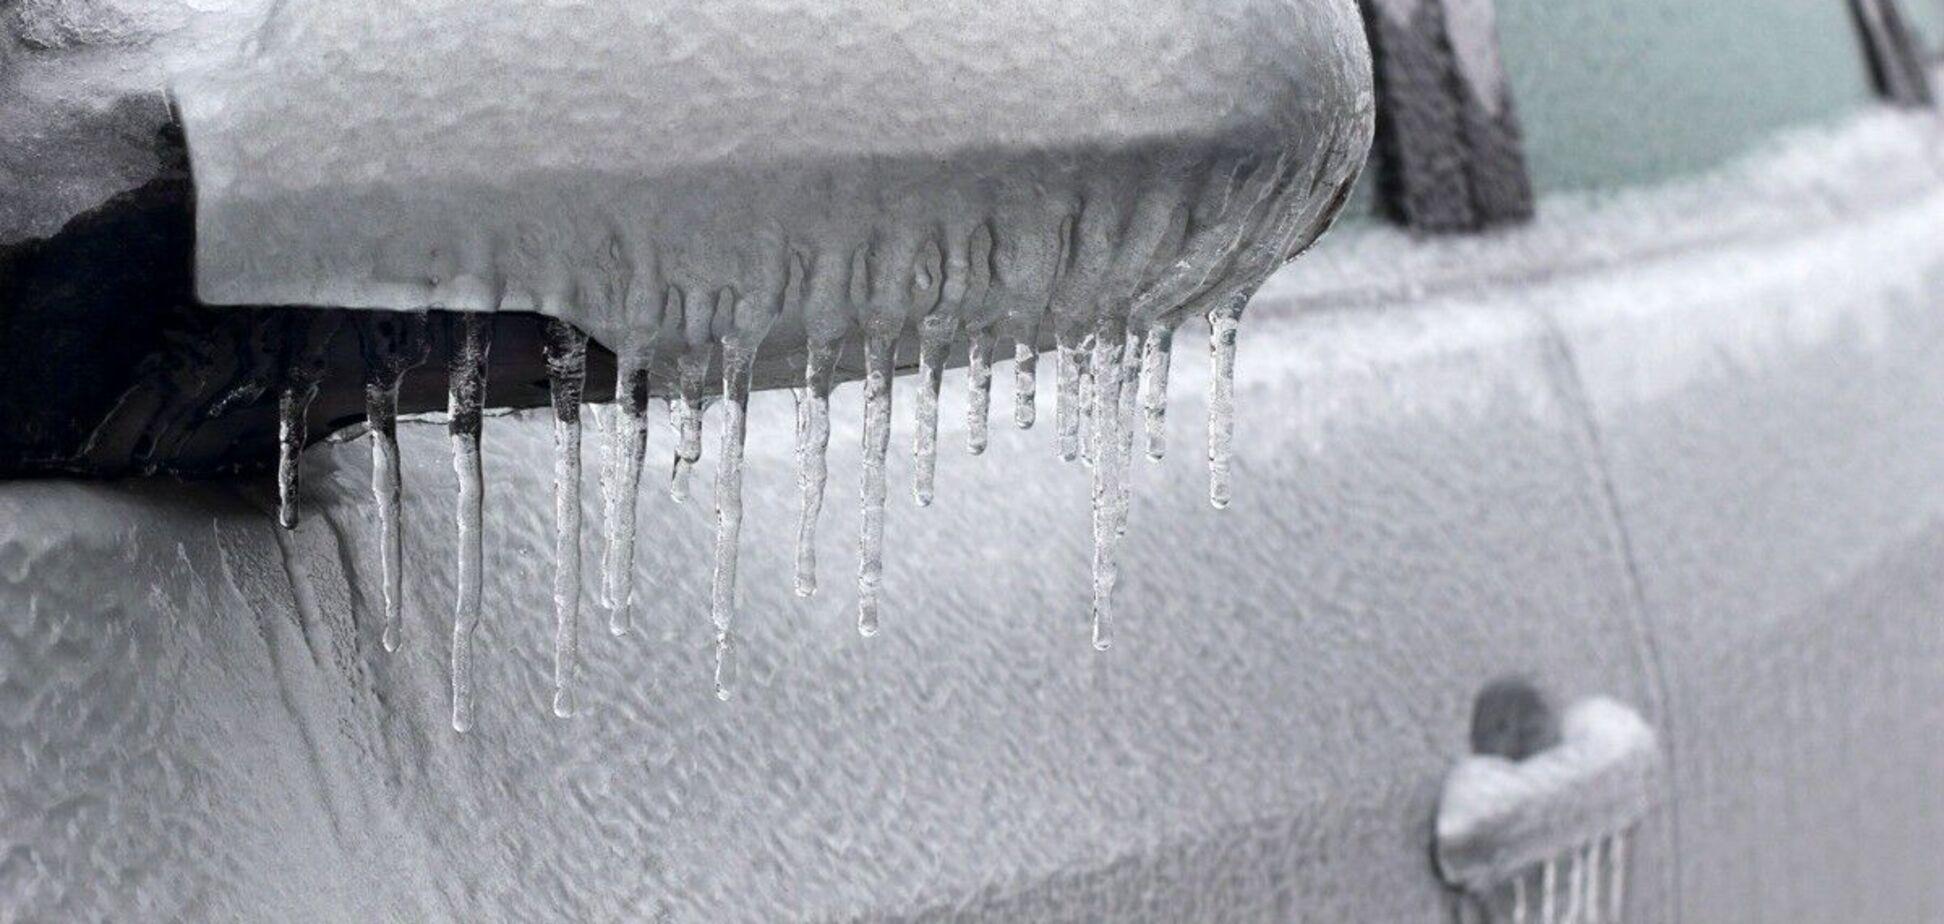 Як швидко розморозити замок в авто: 6 простих лайфхаків